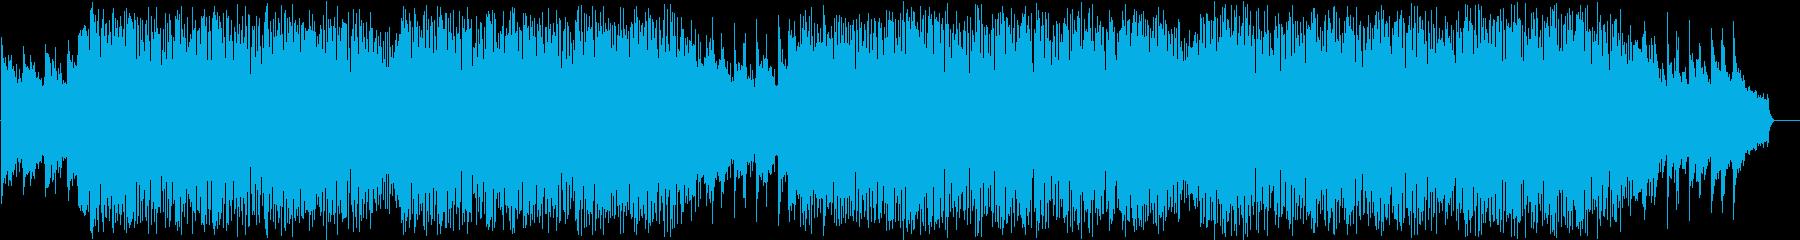 情報 企業 CM スピード 前進 忙しいの再生済みの波形